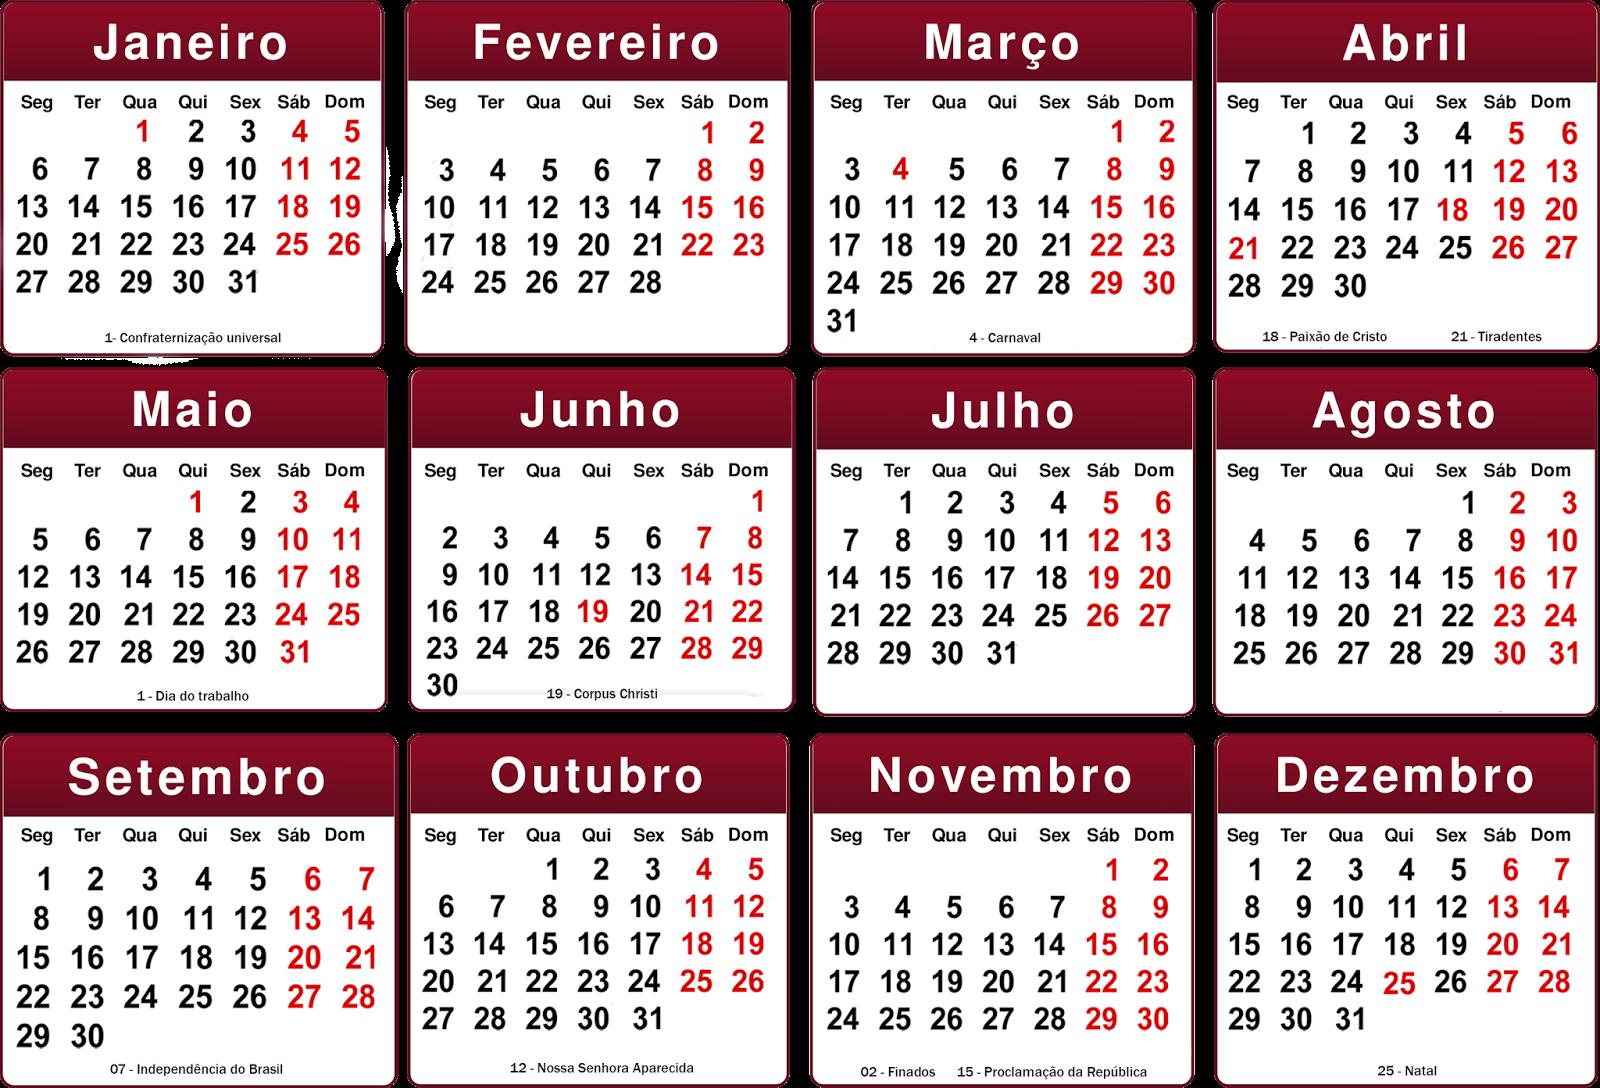 Calendario 2015 Em Portugues Calendario 2015 Para Imprimir Jogos De E ...